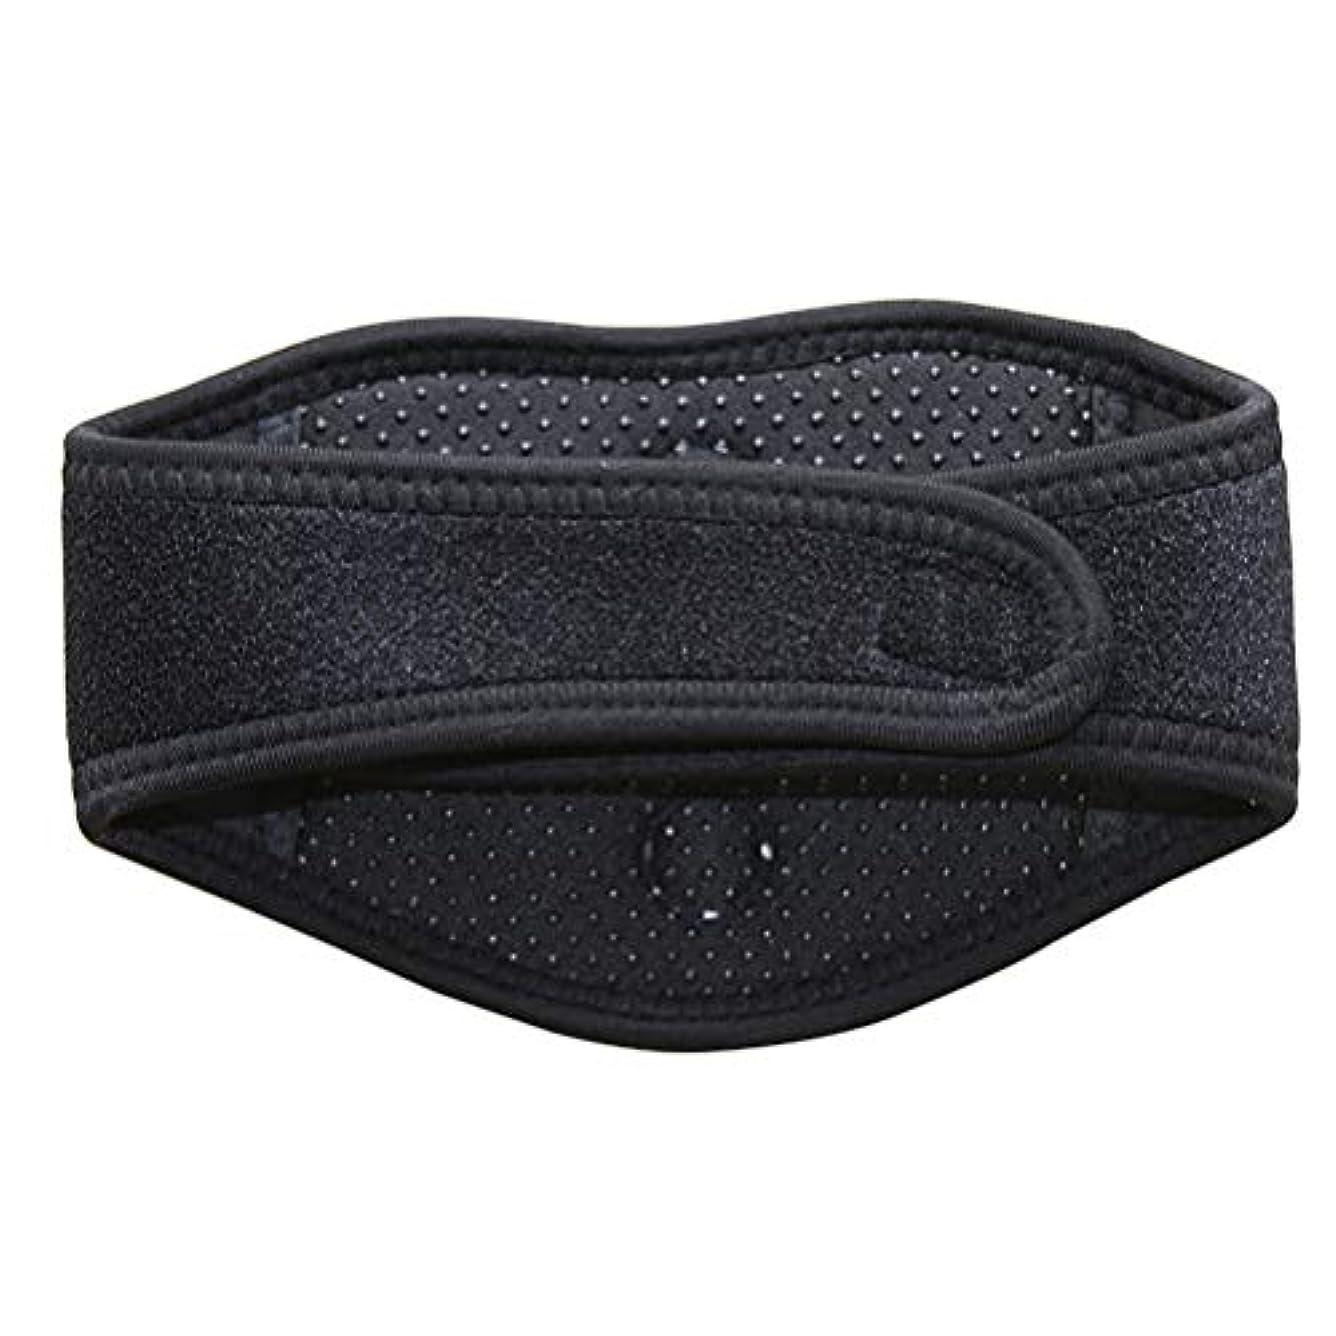 仲人甲虫タンカーSUPVOX磁気治療ネックブレース暖房首マッサージャー首の痛みとサポートのため(黒)